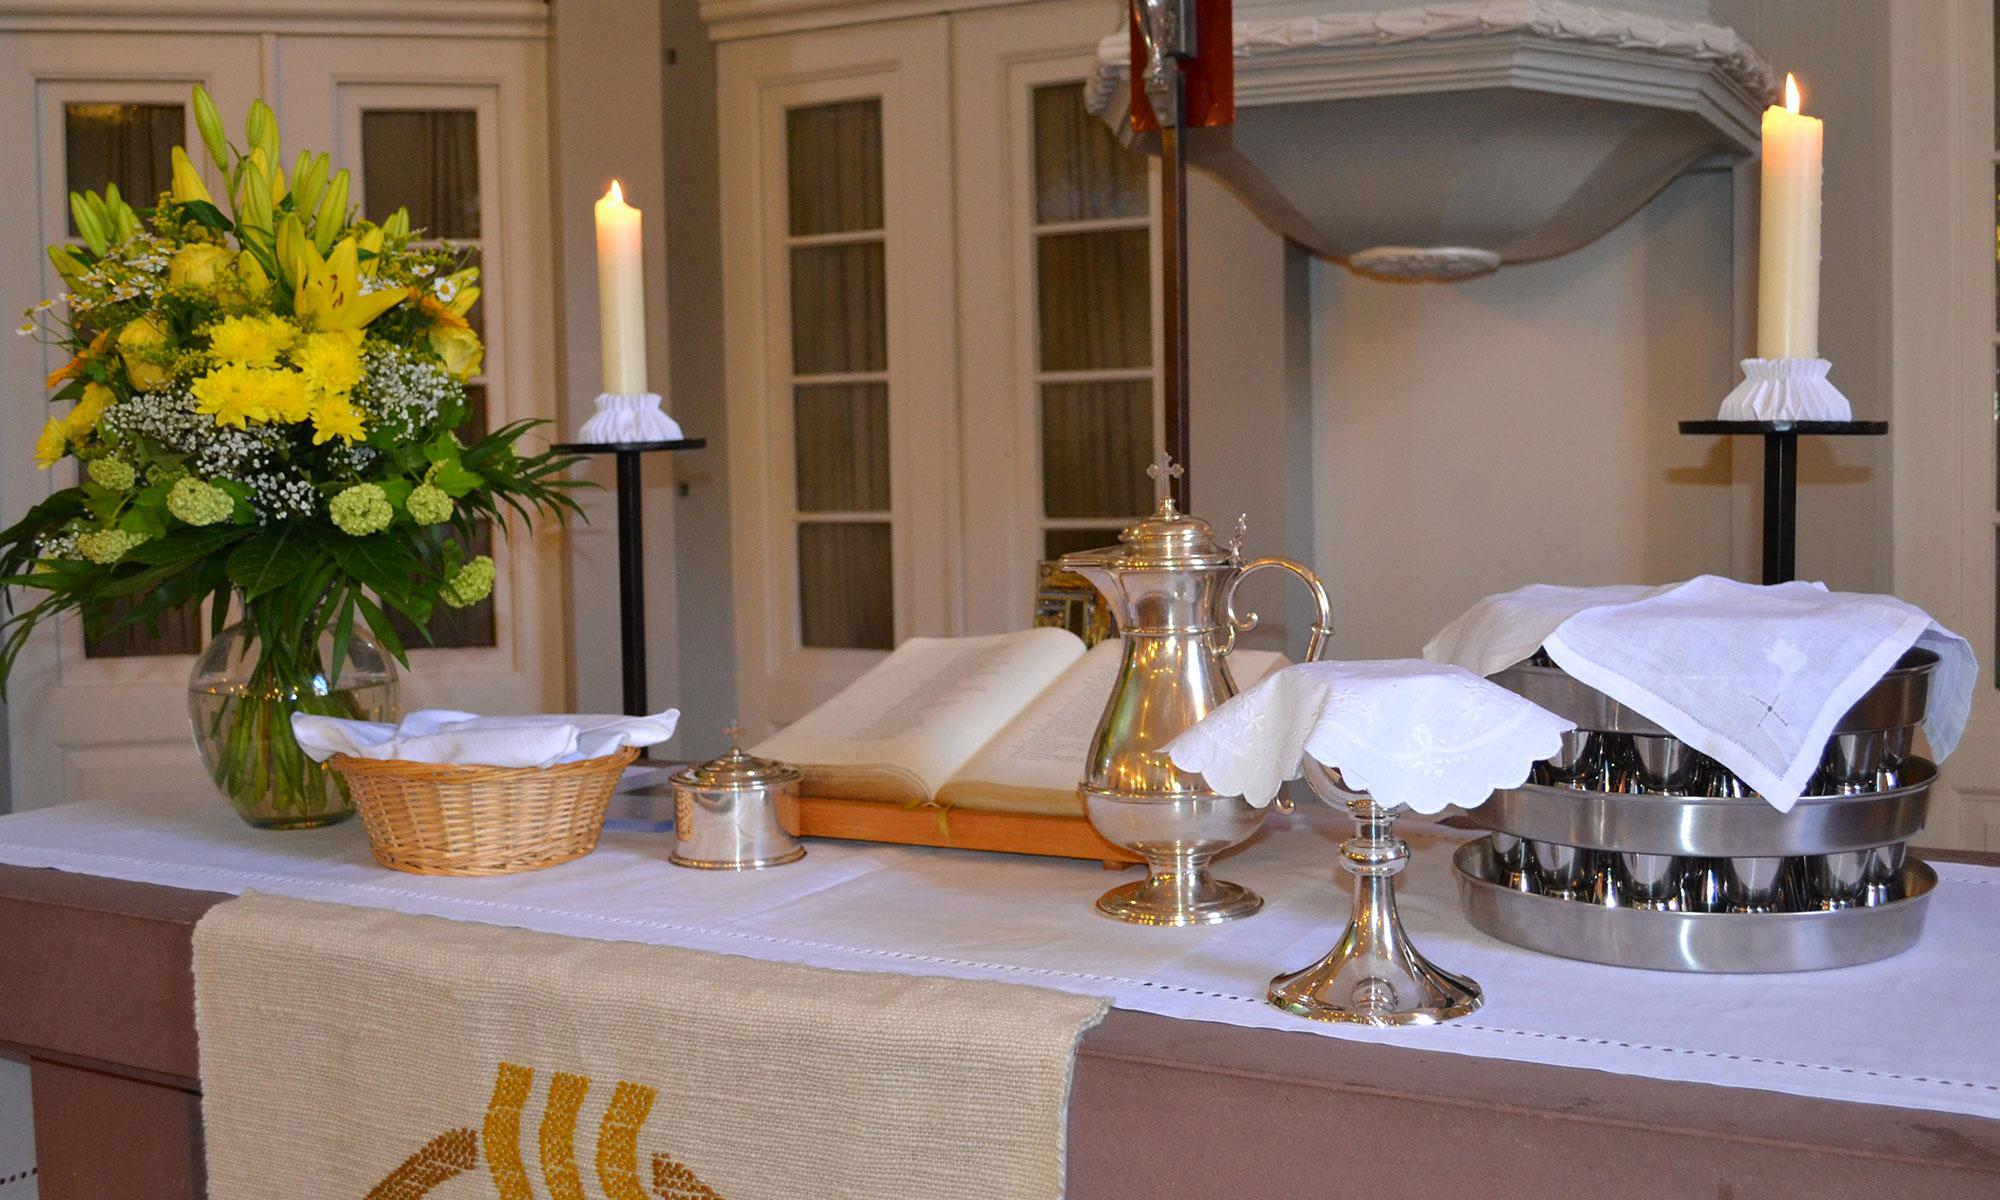 Auf dem Altar der evangelischen Kirchengemeinde Messel steht alles bereit zum Abendmahl.